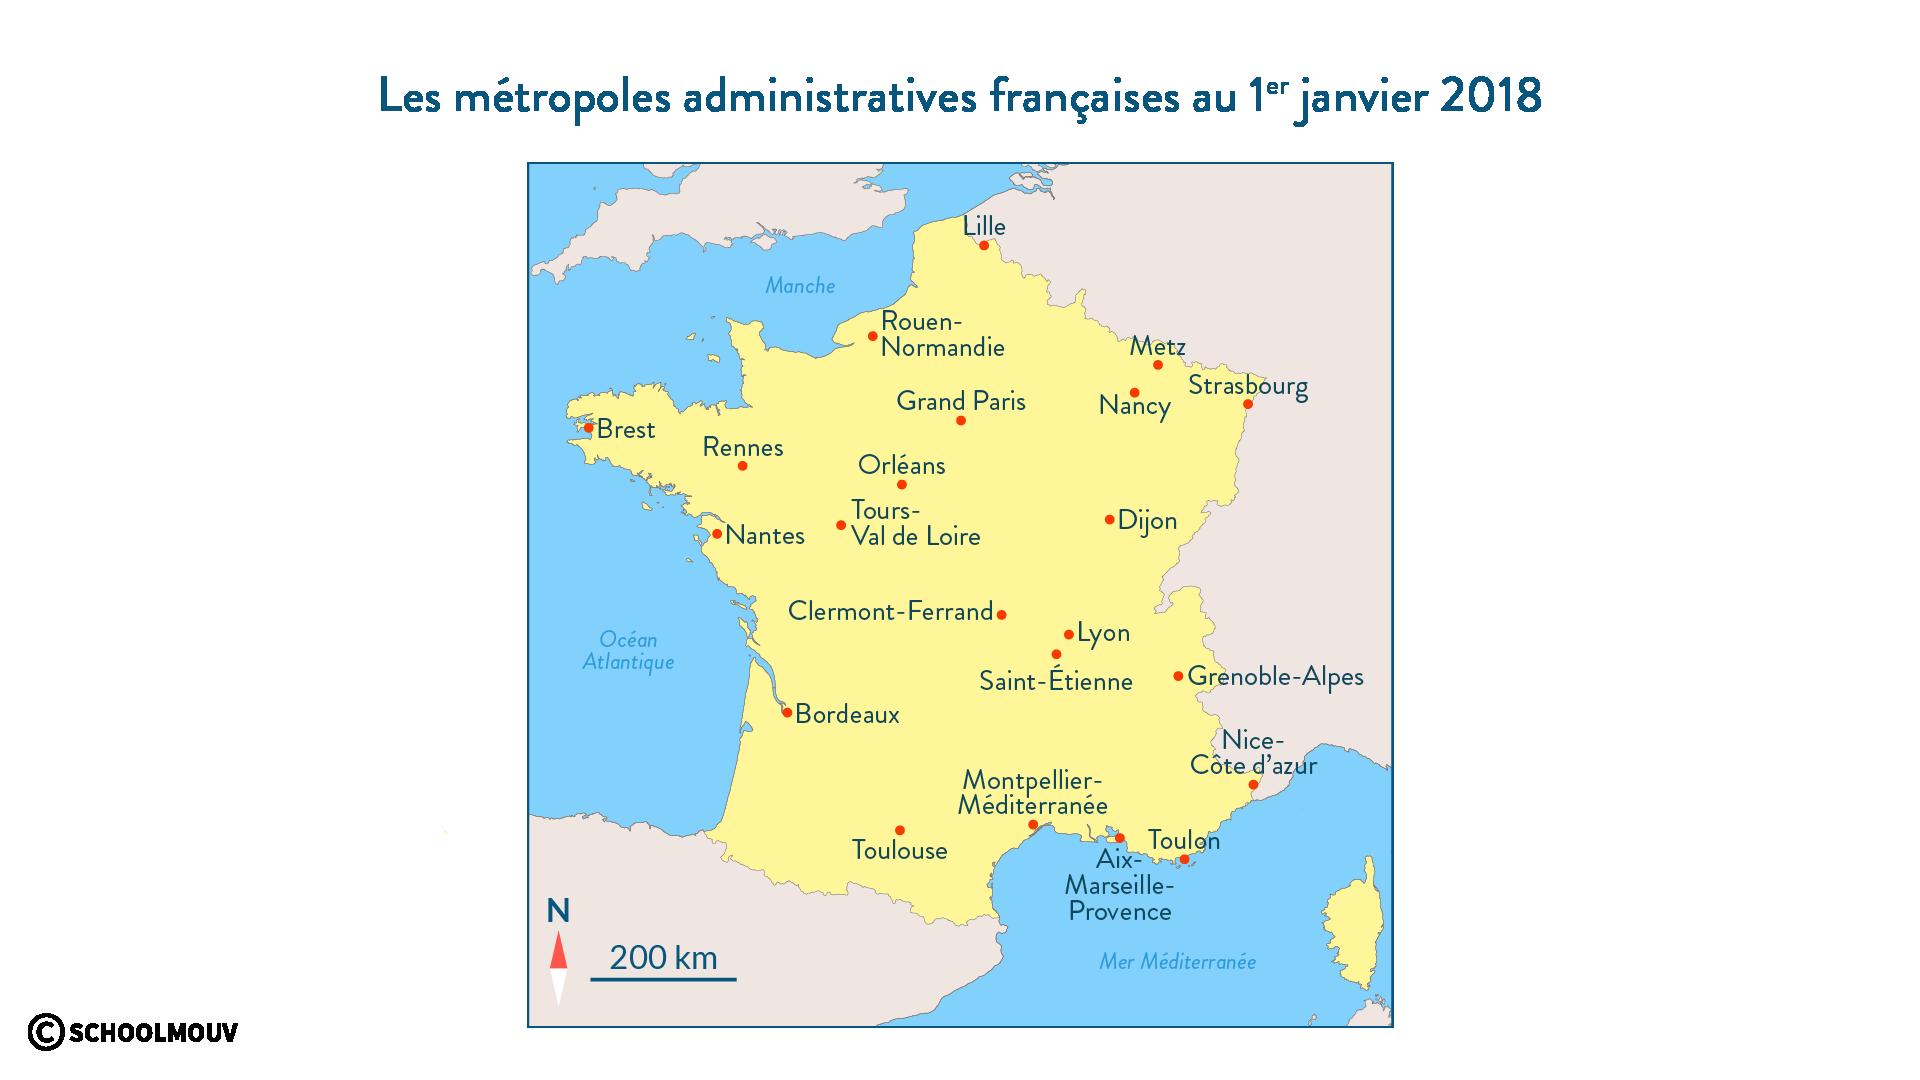 Les métropoles administratives françaises au 1er janvier 2018 - SchoolMouv - Géographie - 1re